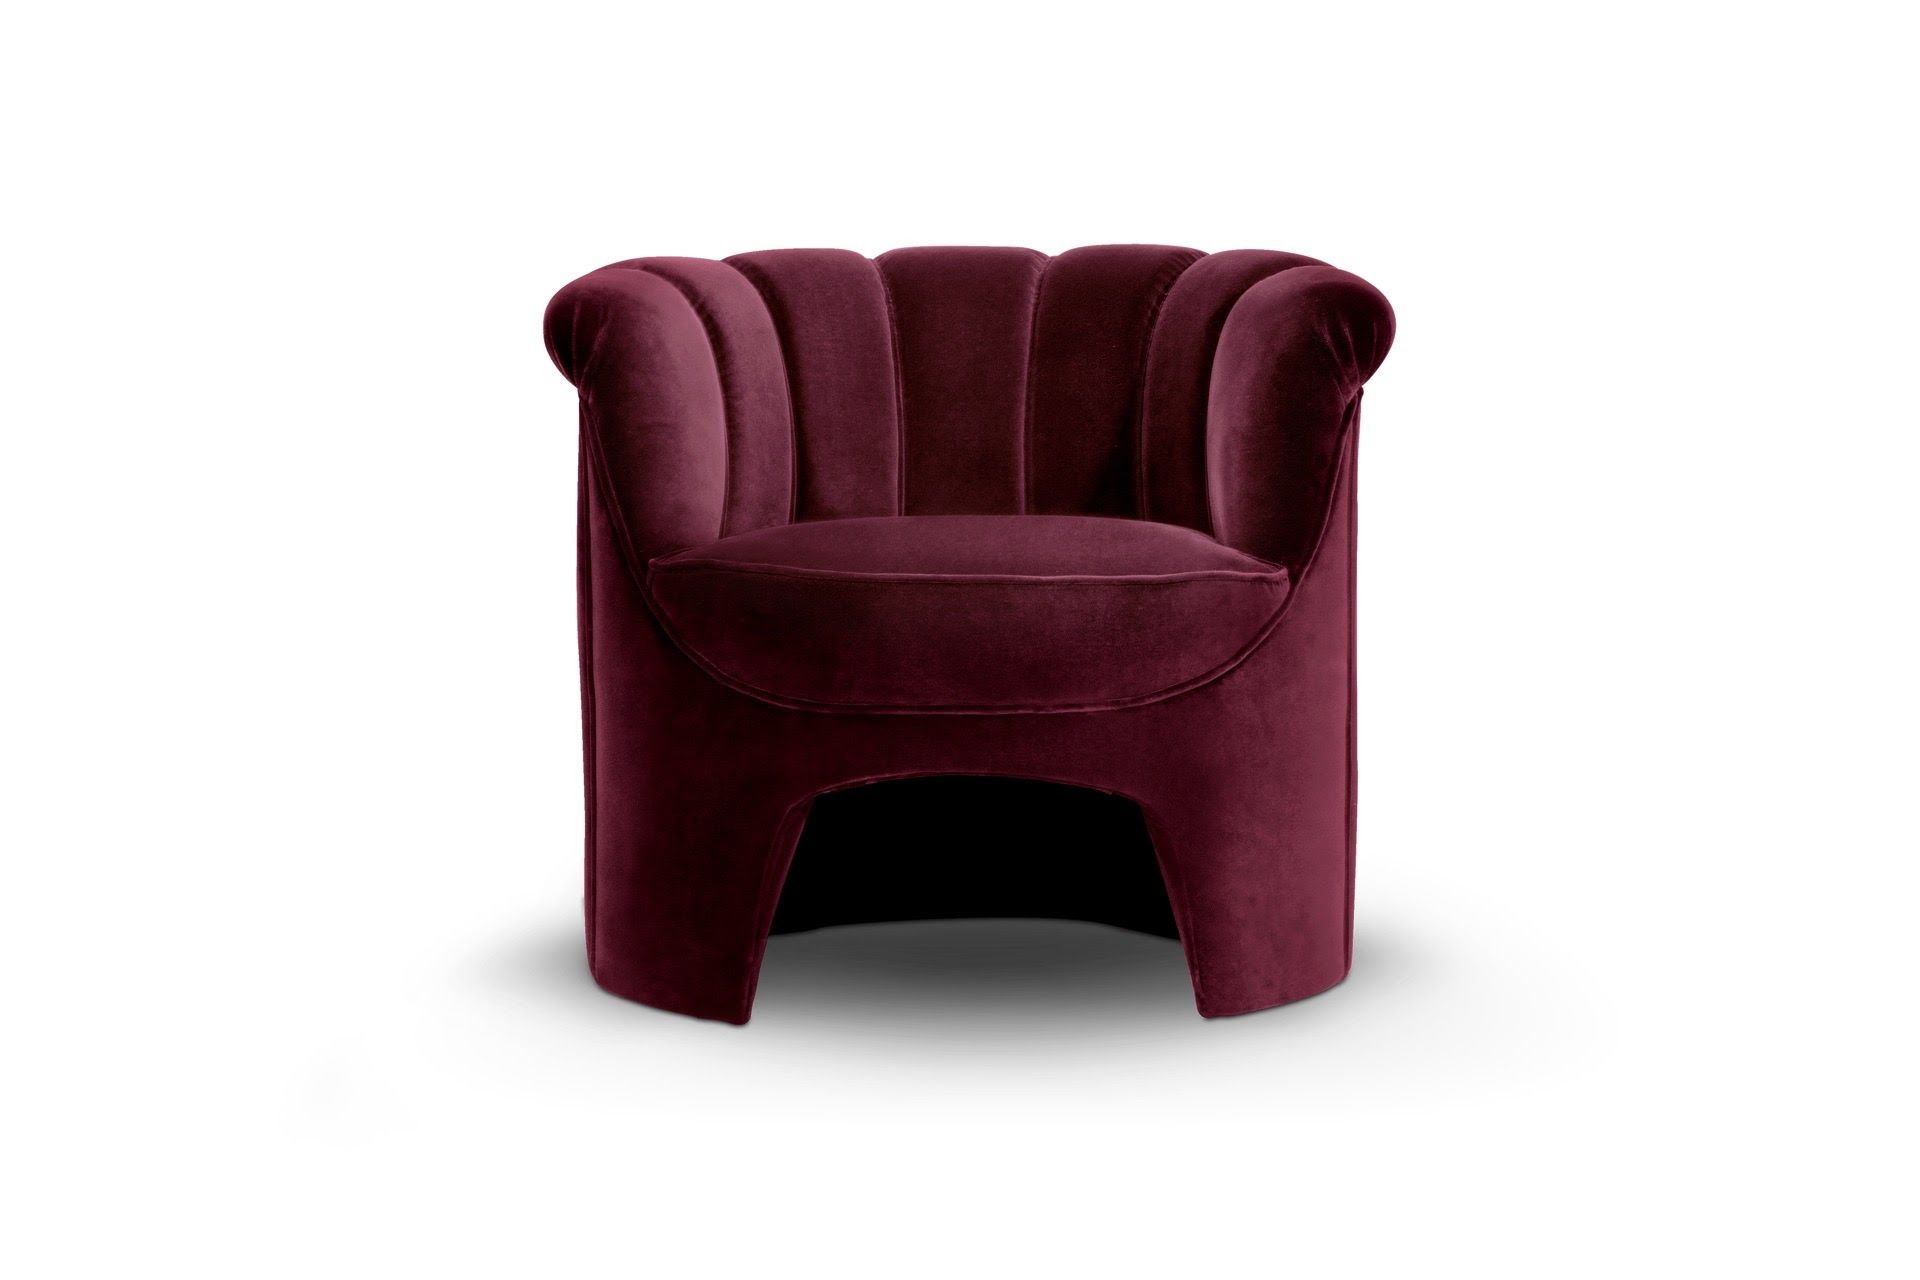 Drehsessel wohnzimmer ~ Samt sessel velvet chair luxus wohnzimmer luxury living room